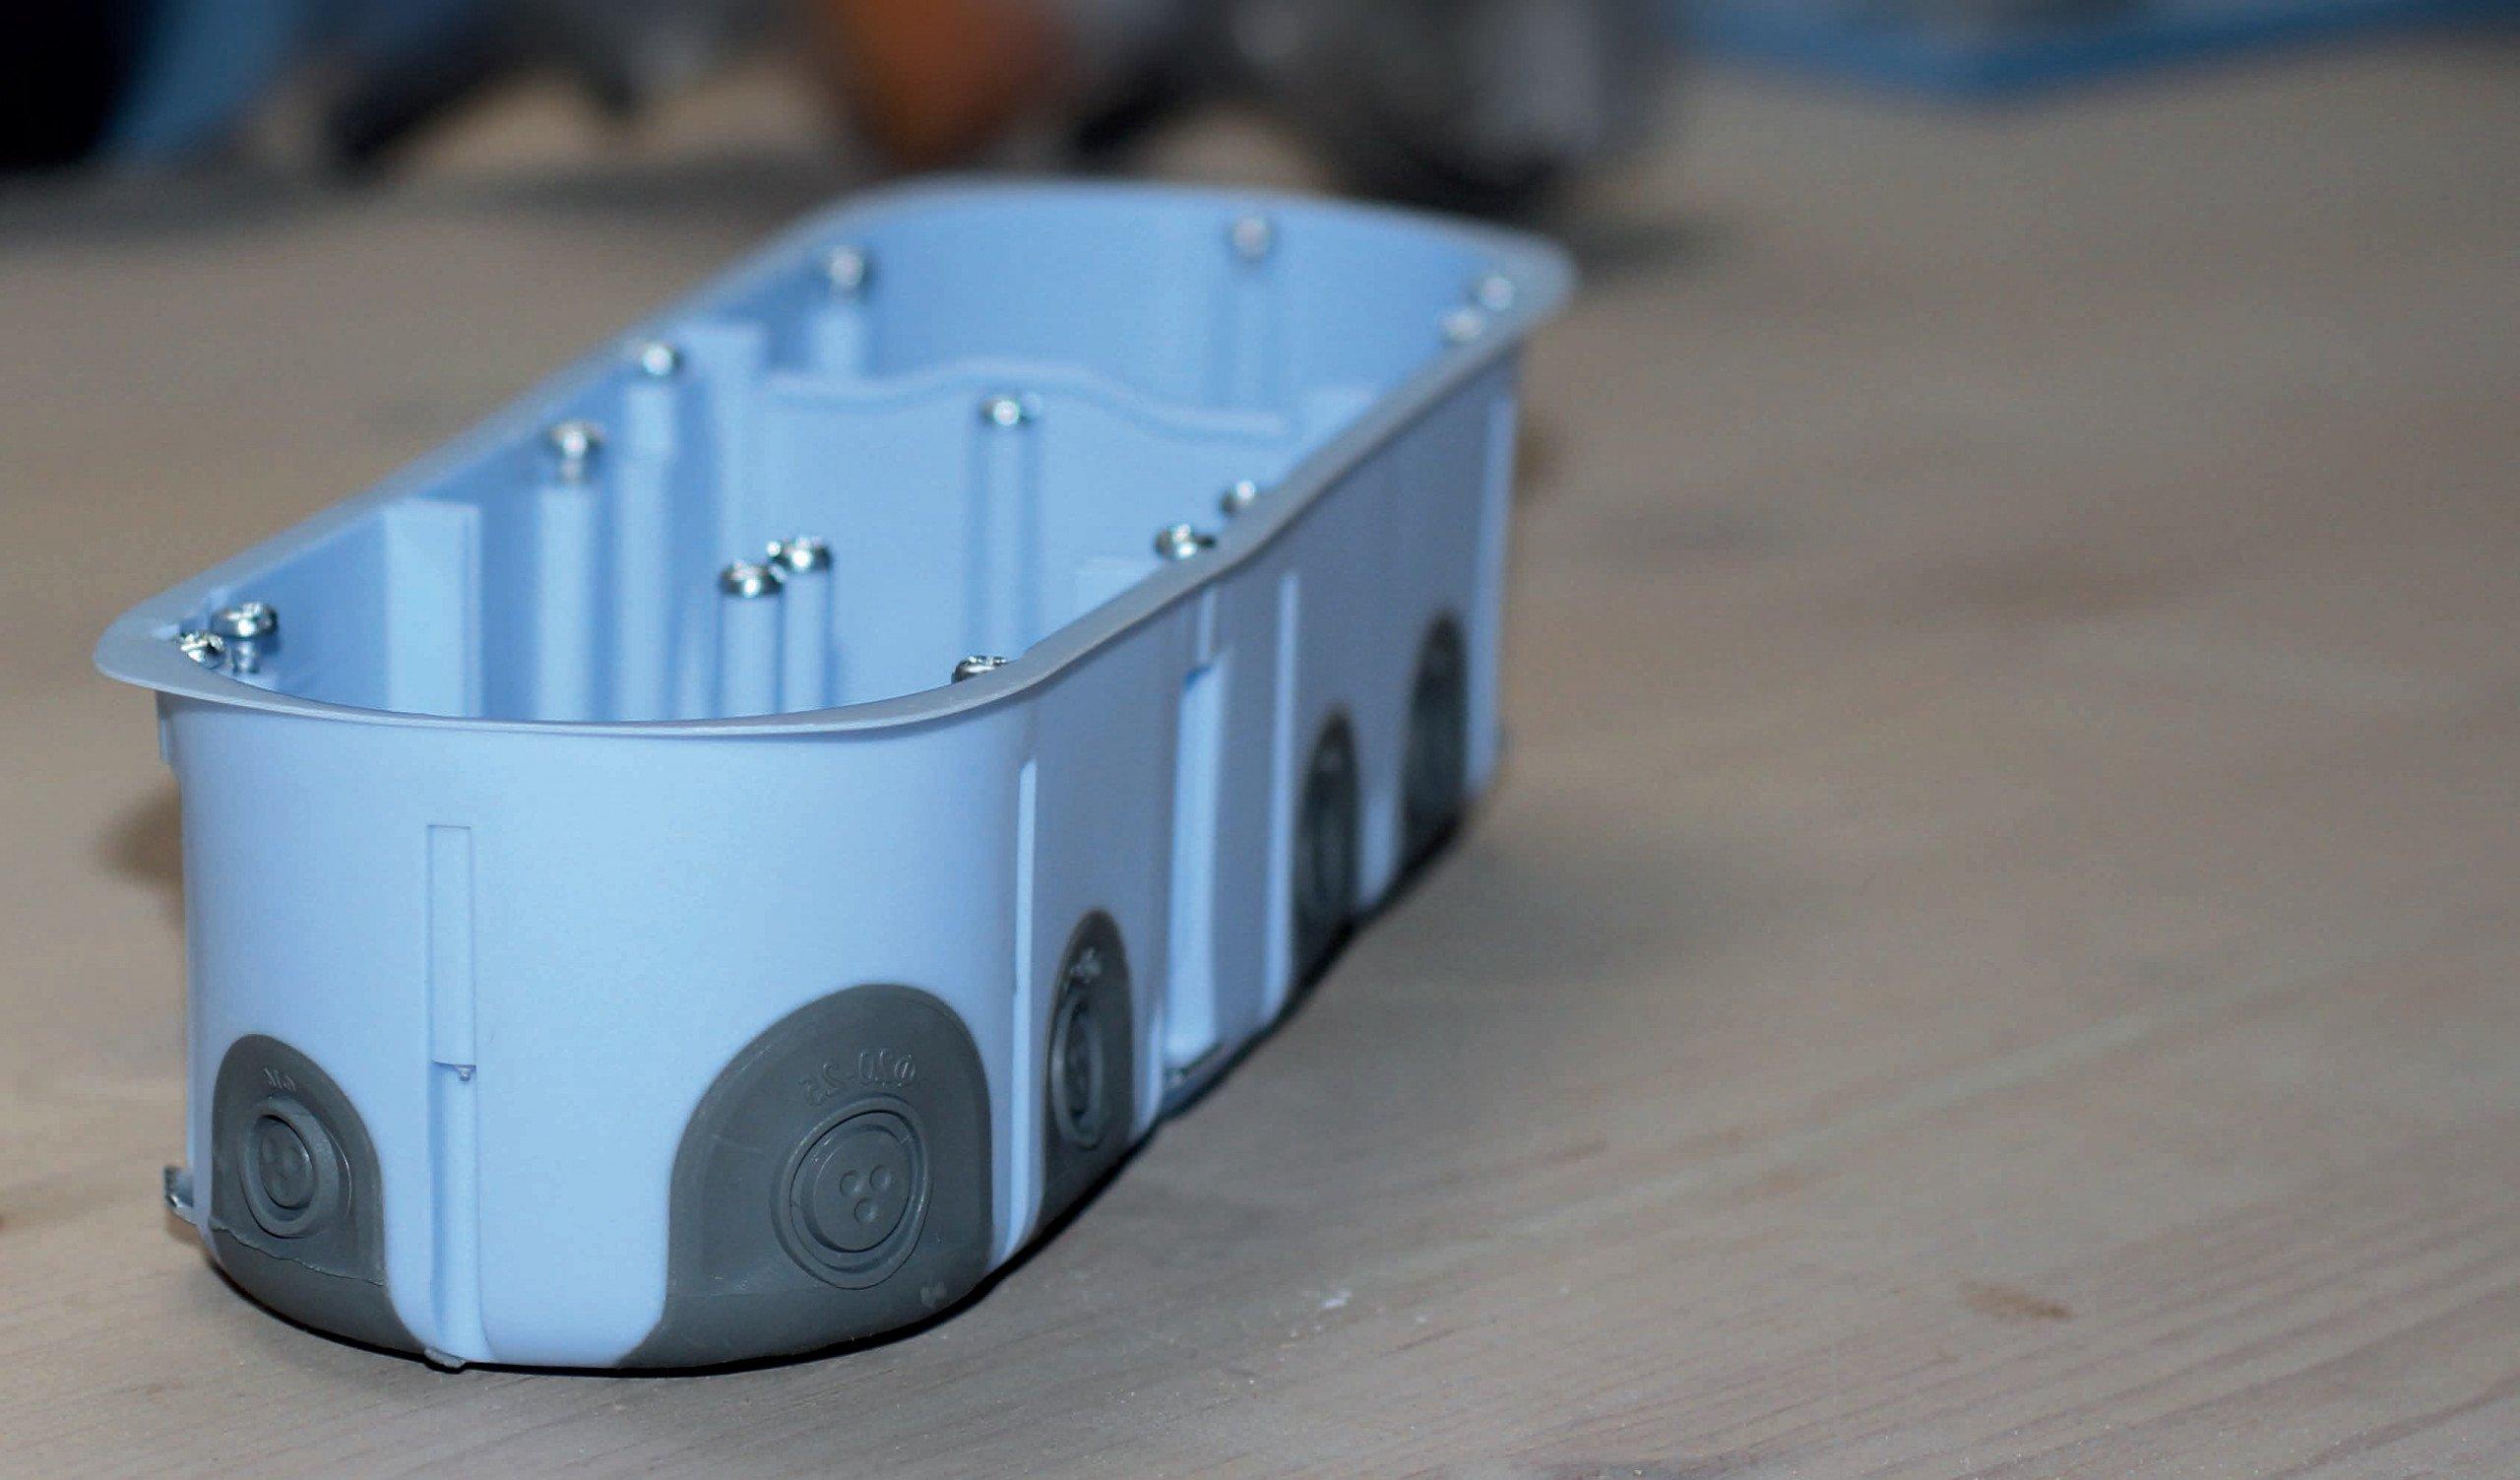 Diametre Scie Cloche Prise De Courant eur'ohm : spécialiste du matériel électrique basse tension